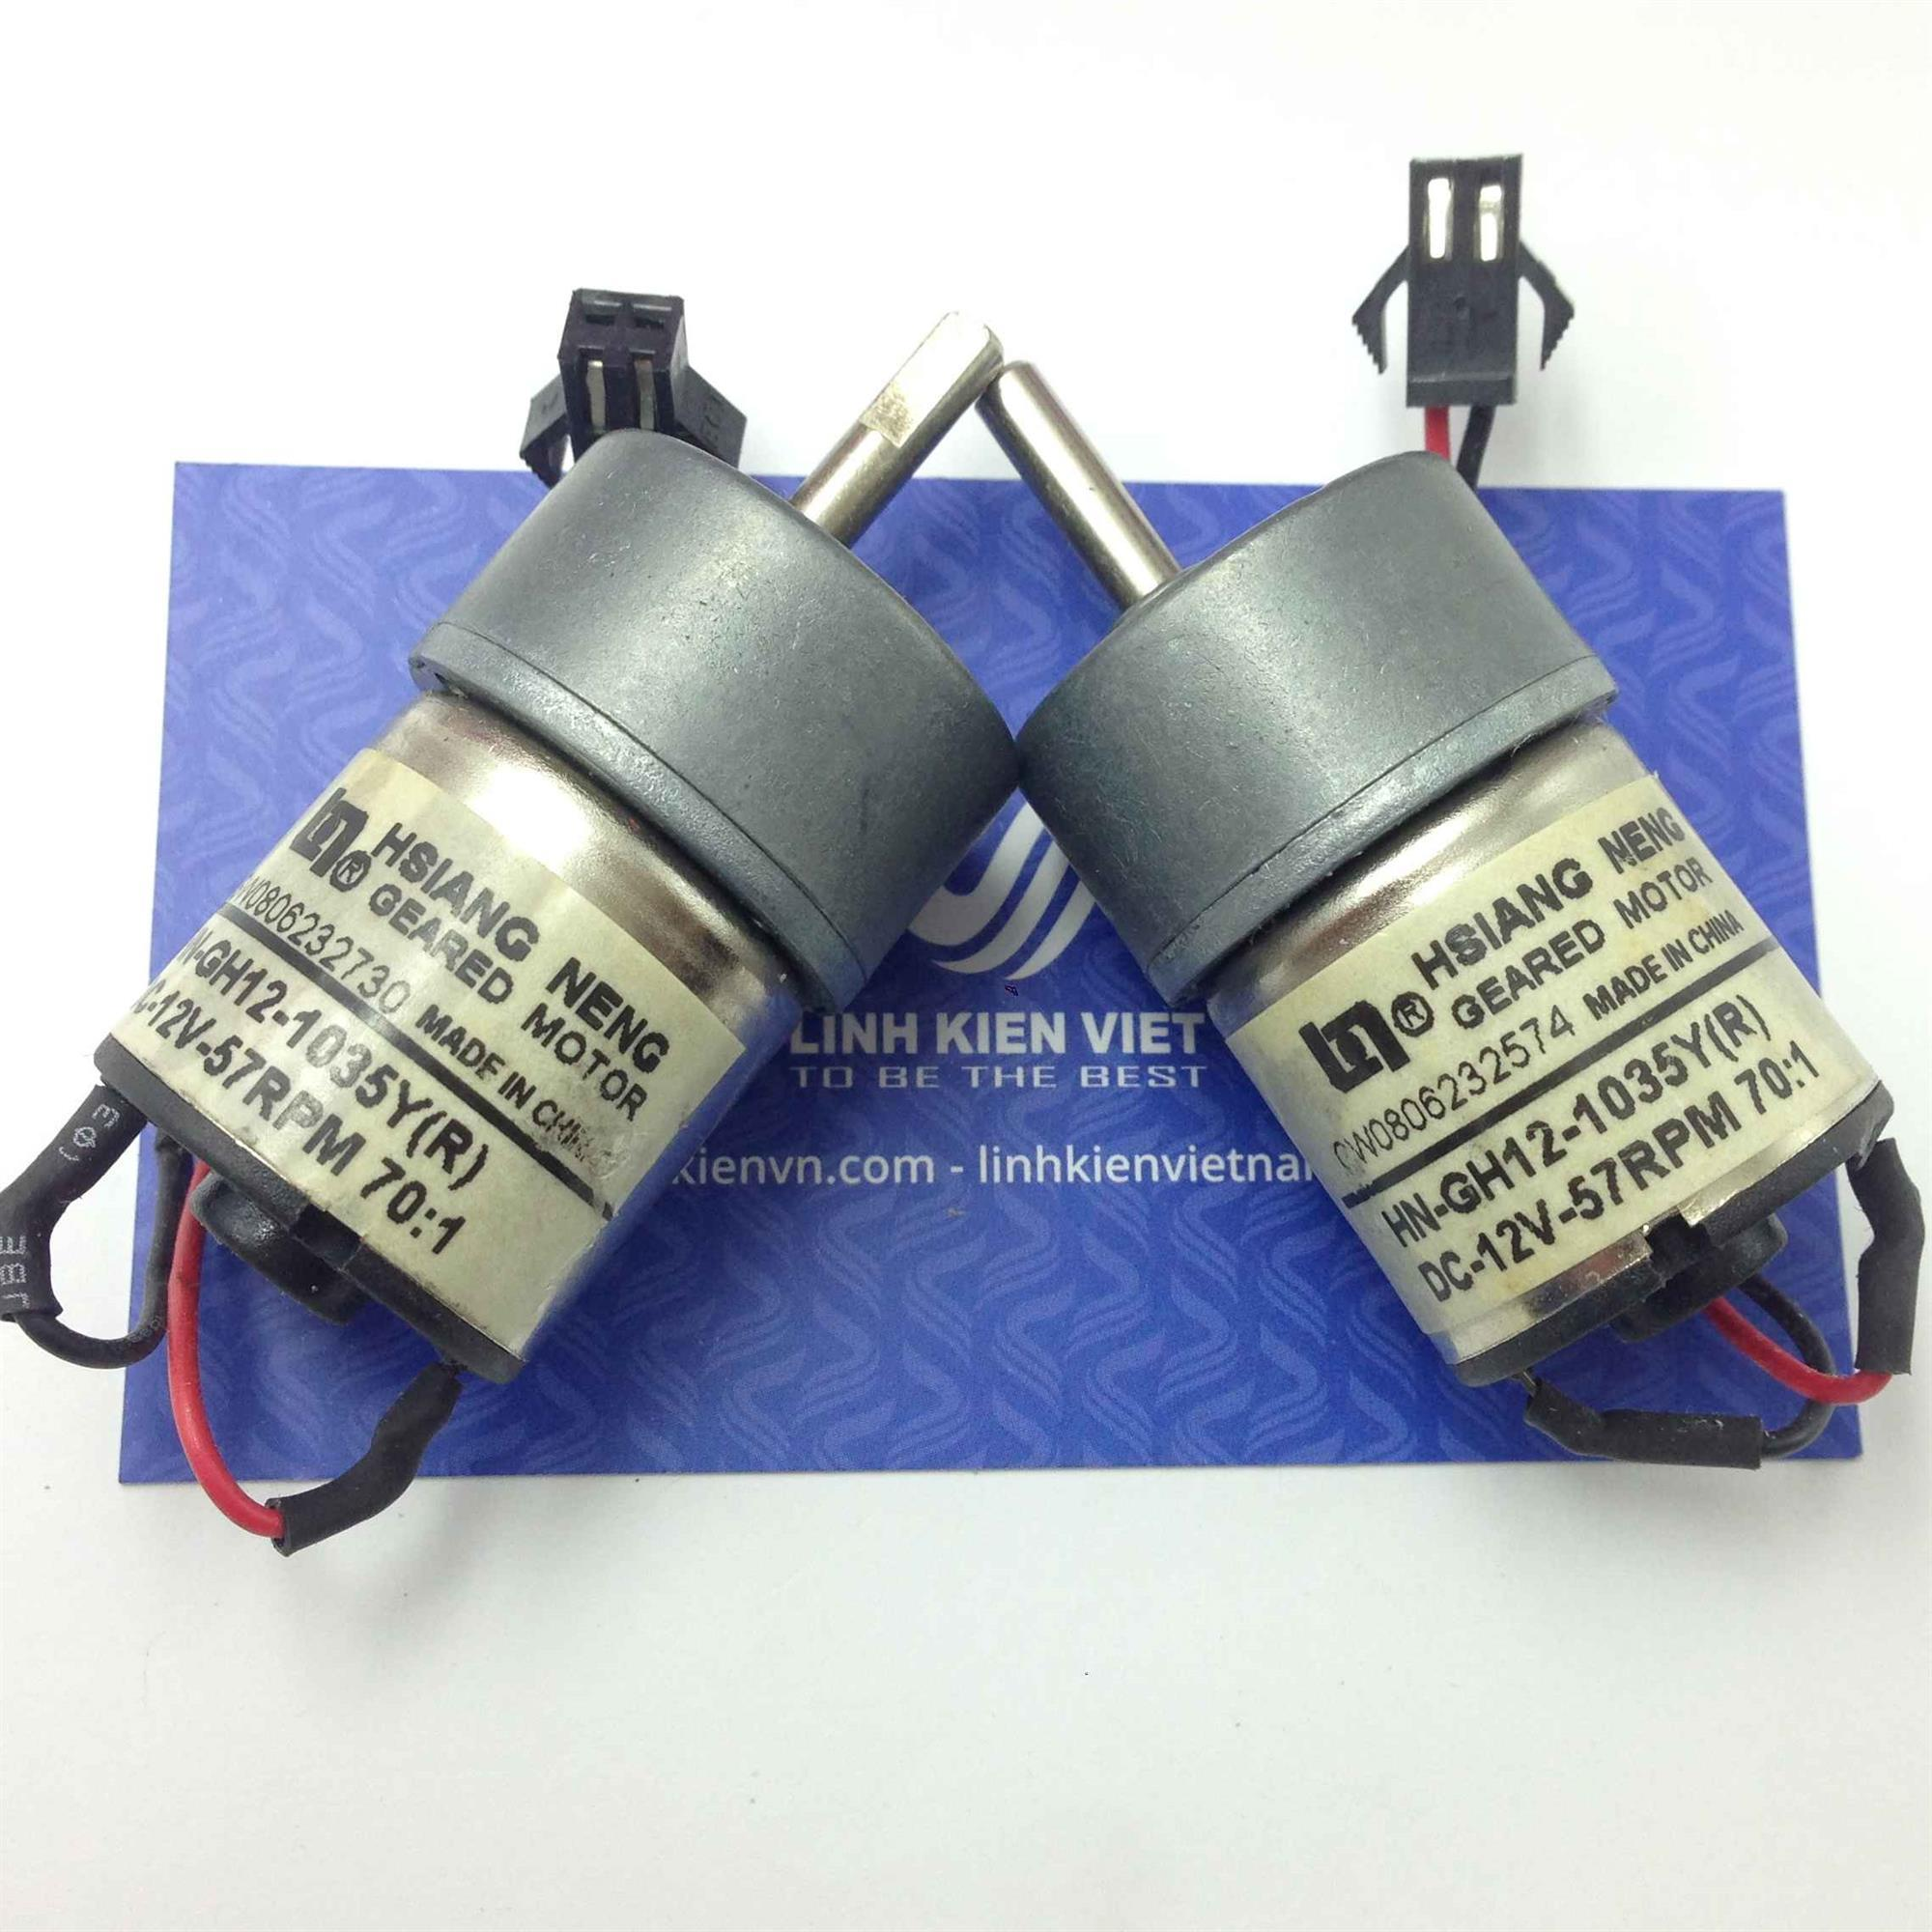 Động cơ giảm tốc HN-GH12-1035Y(R) / Motor HN-GH12-1035Y(R) / động cơ giảm tốc 12V - G8H20